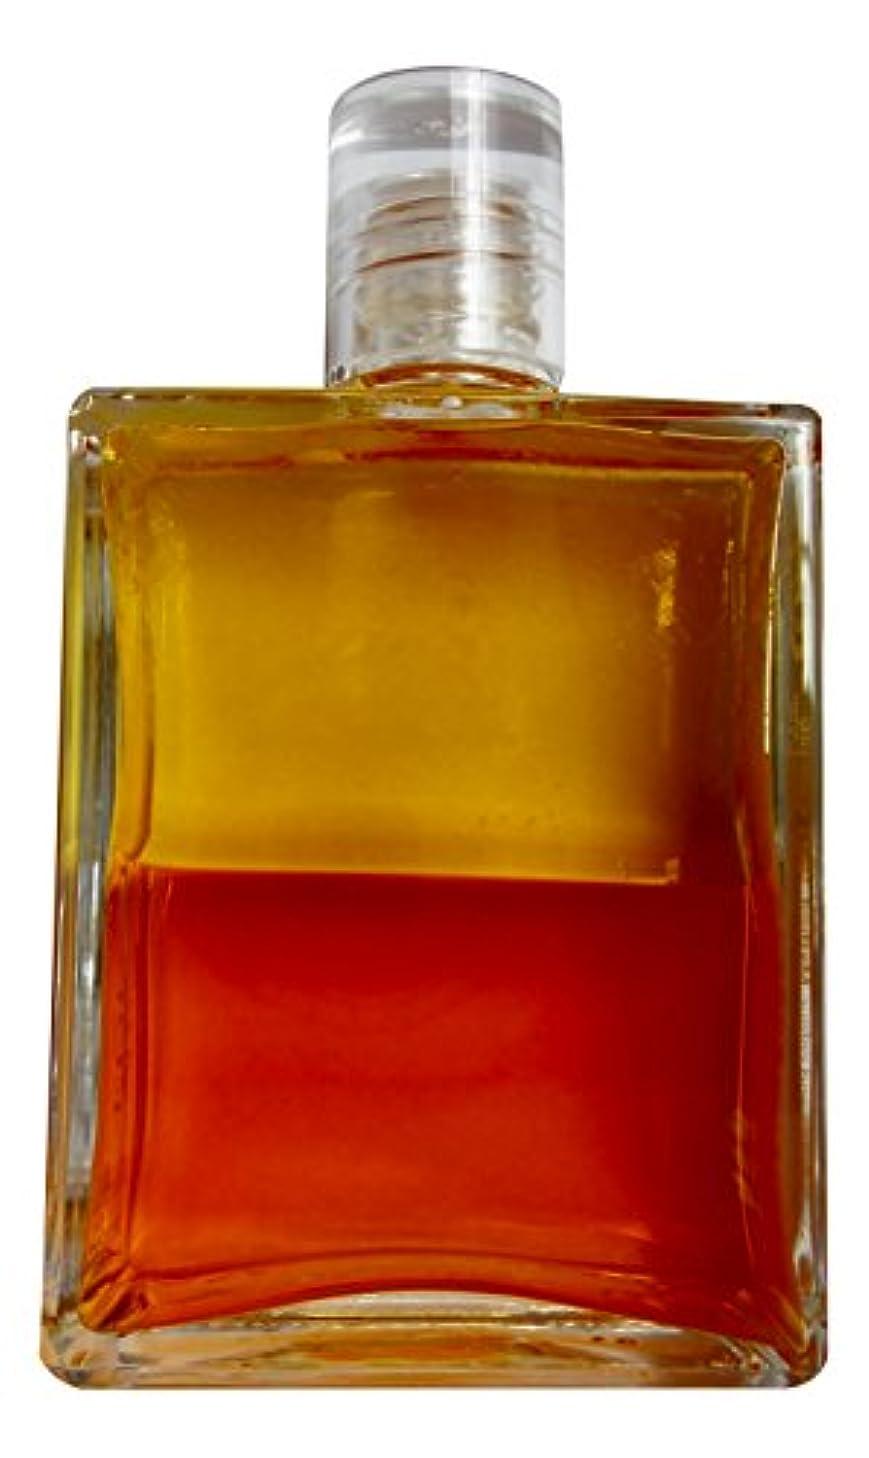 除去ポール危険を冒しますB41叡智のボトル/エルドラド(黄金郷) オーラーソーマ イクイリブリアムボトル